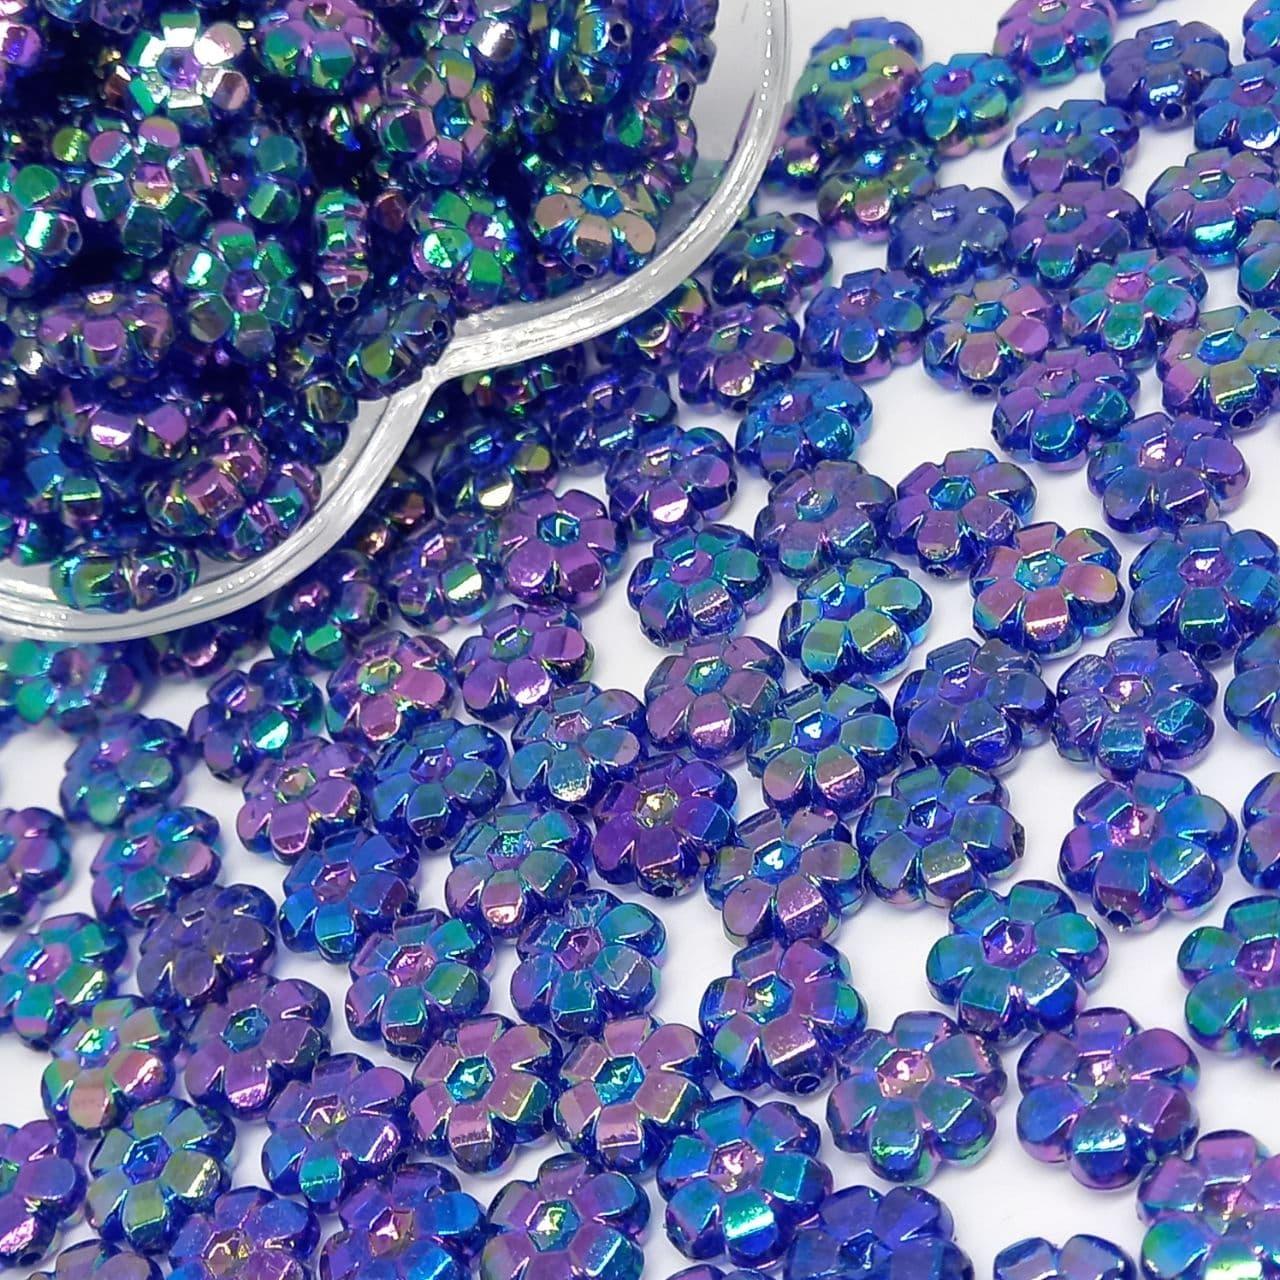 Flor transparente azul escuro irisado 25g - 10mm